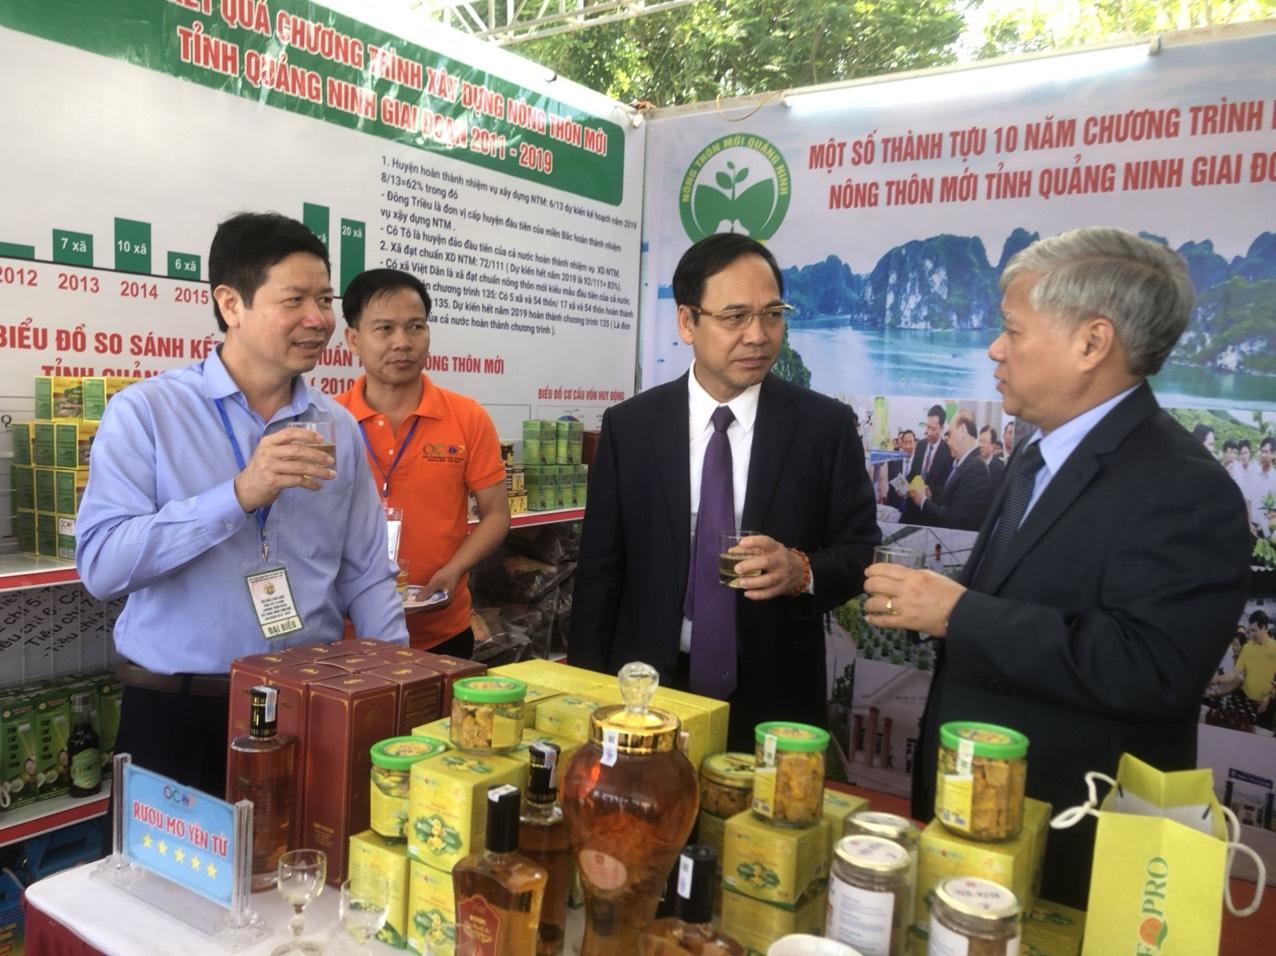 Bộ trưởng, Chủ nhiệm UBDT thăm quan các sản phẩm OCOP tại các gian hàng triễn lãm